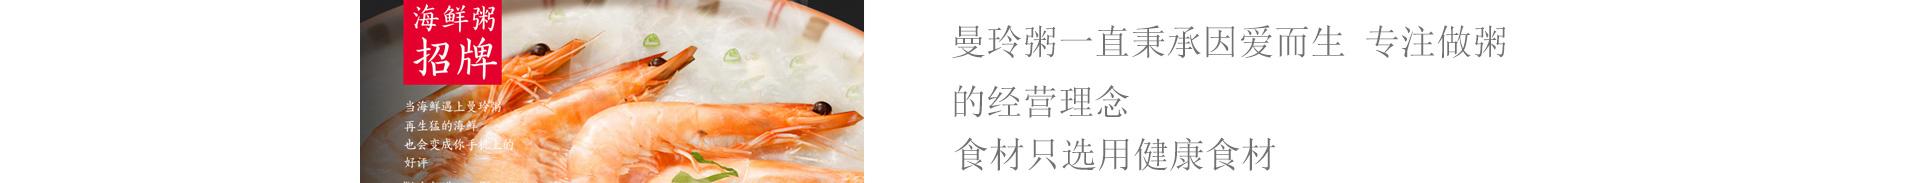 曼玲粥店详情_13